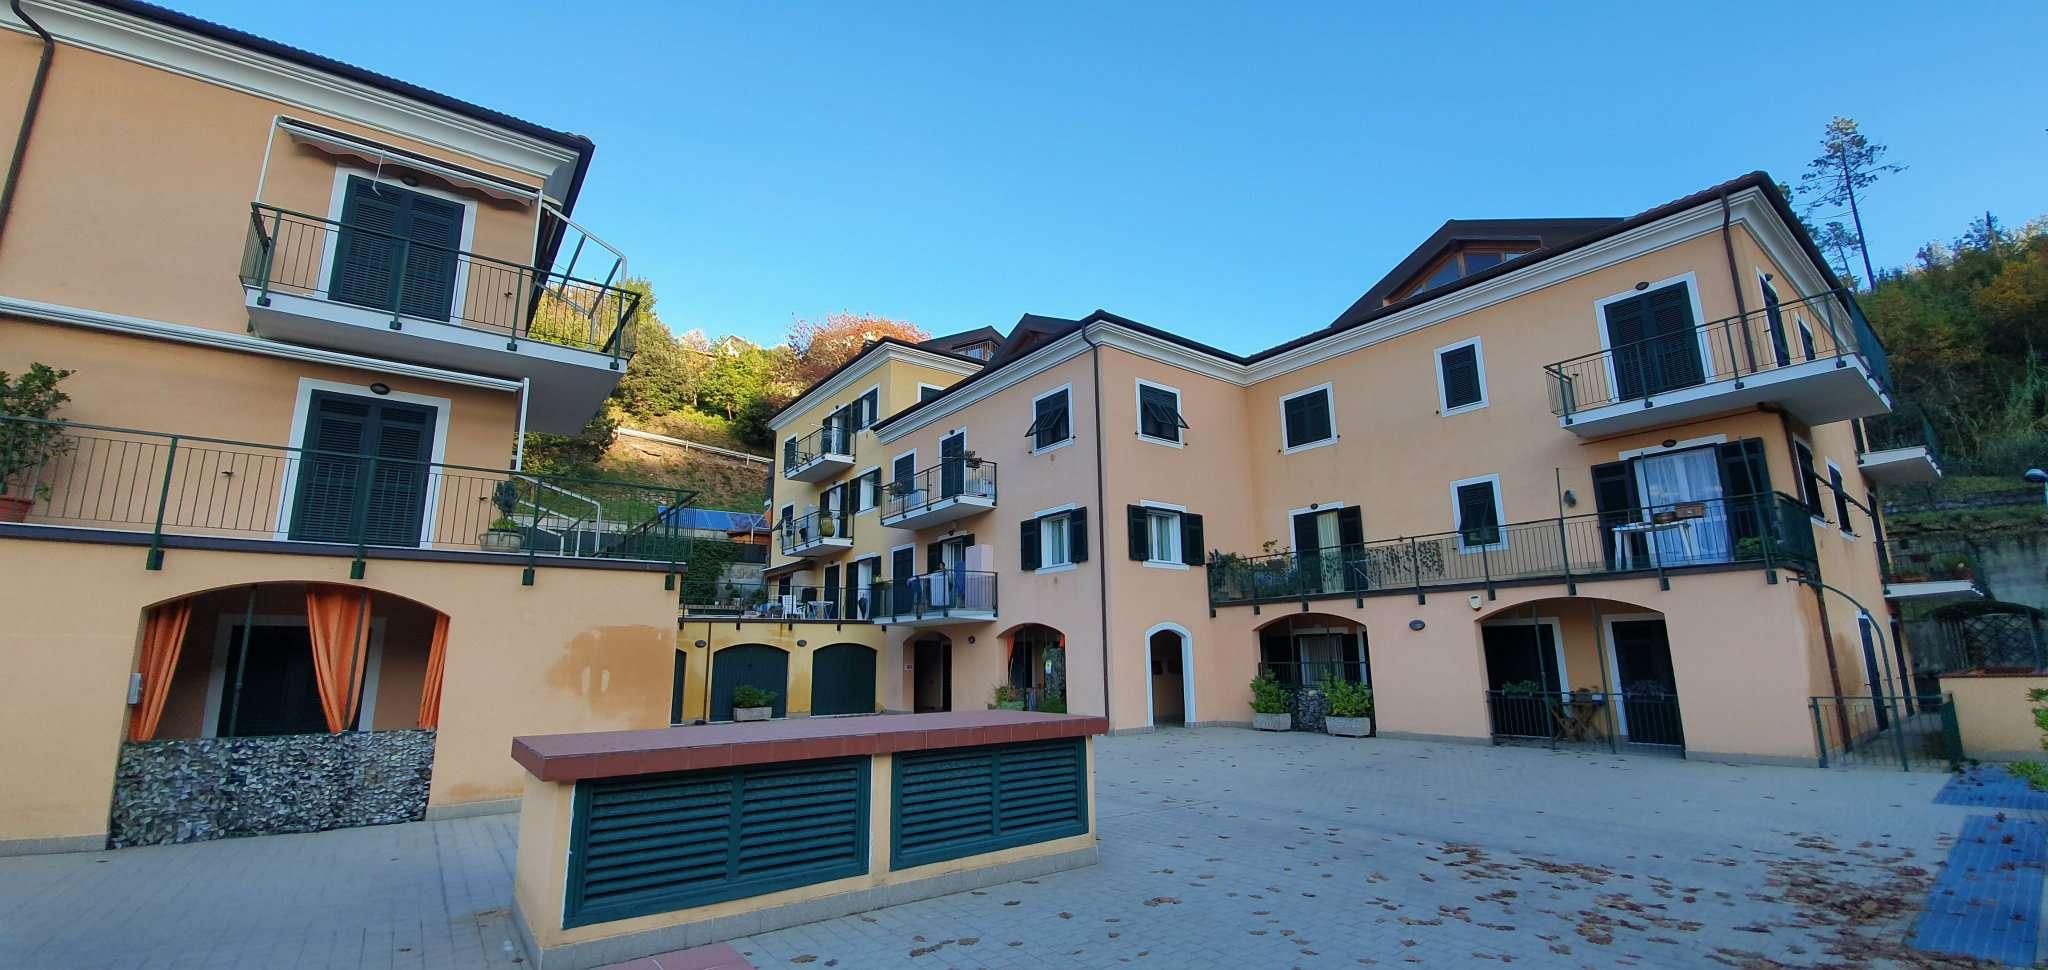 Appartamento in vendita a Casarza Ligure, 4 locali, prezzo € 170.000 | PortaleAgenzieImmobiliari.it